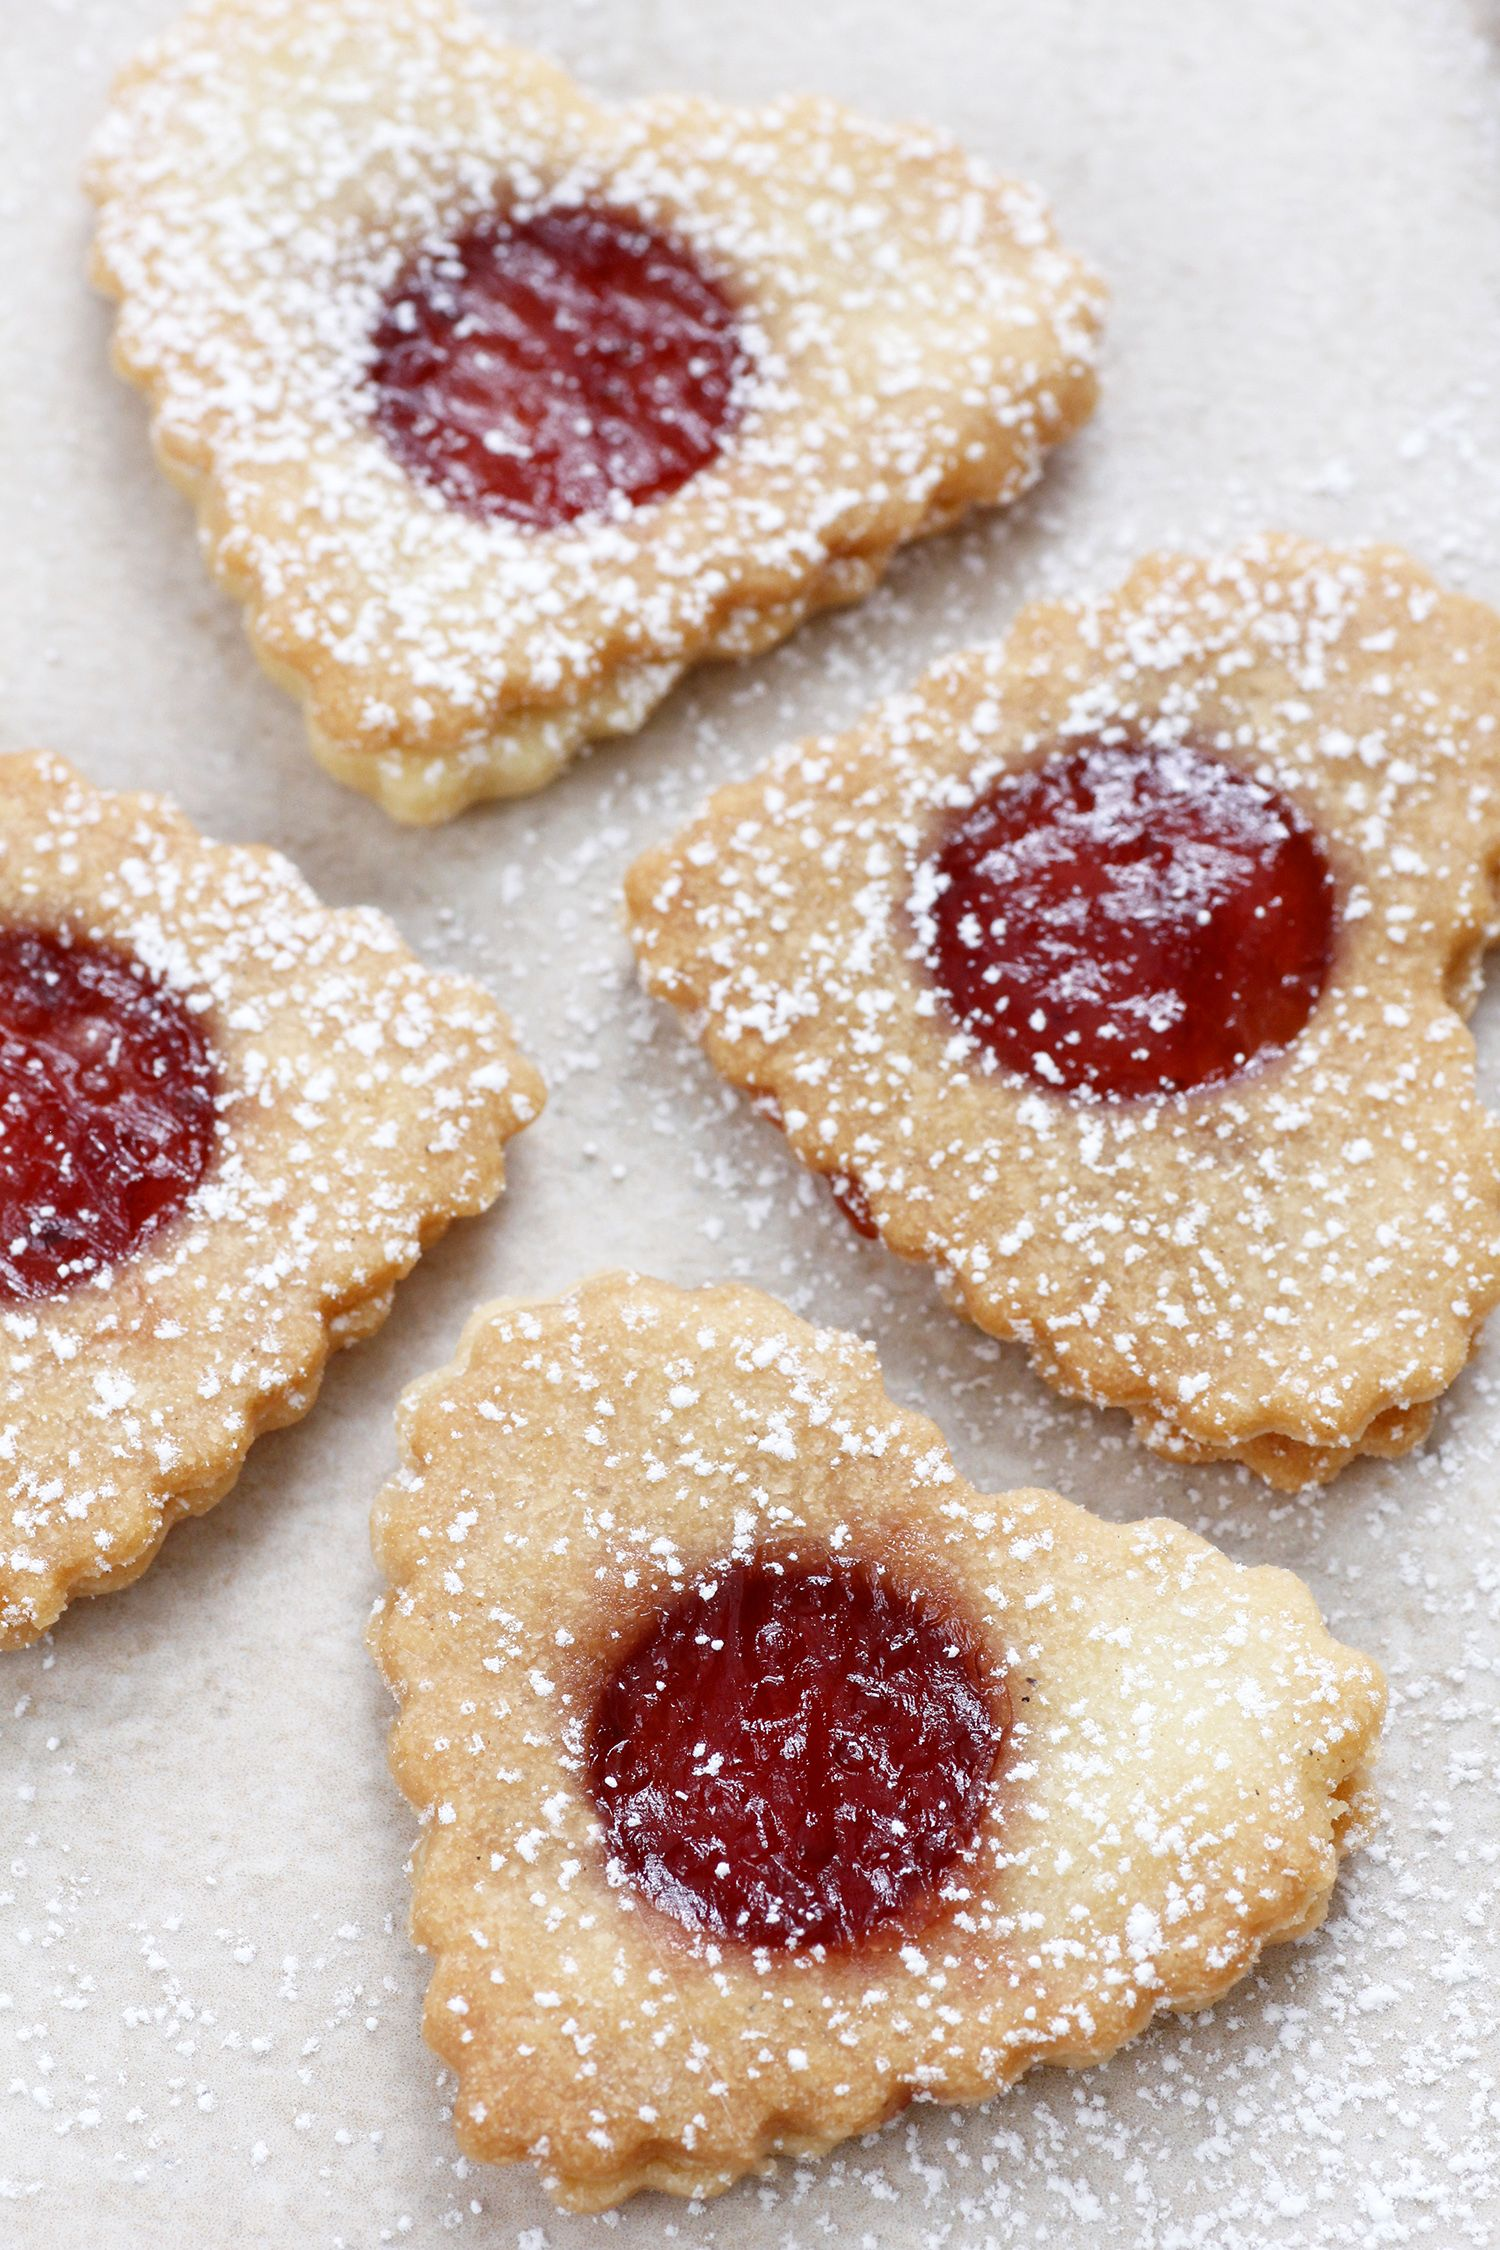 עוגיות סנדוויץ' ריבה ושקדים